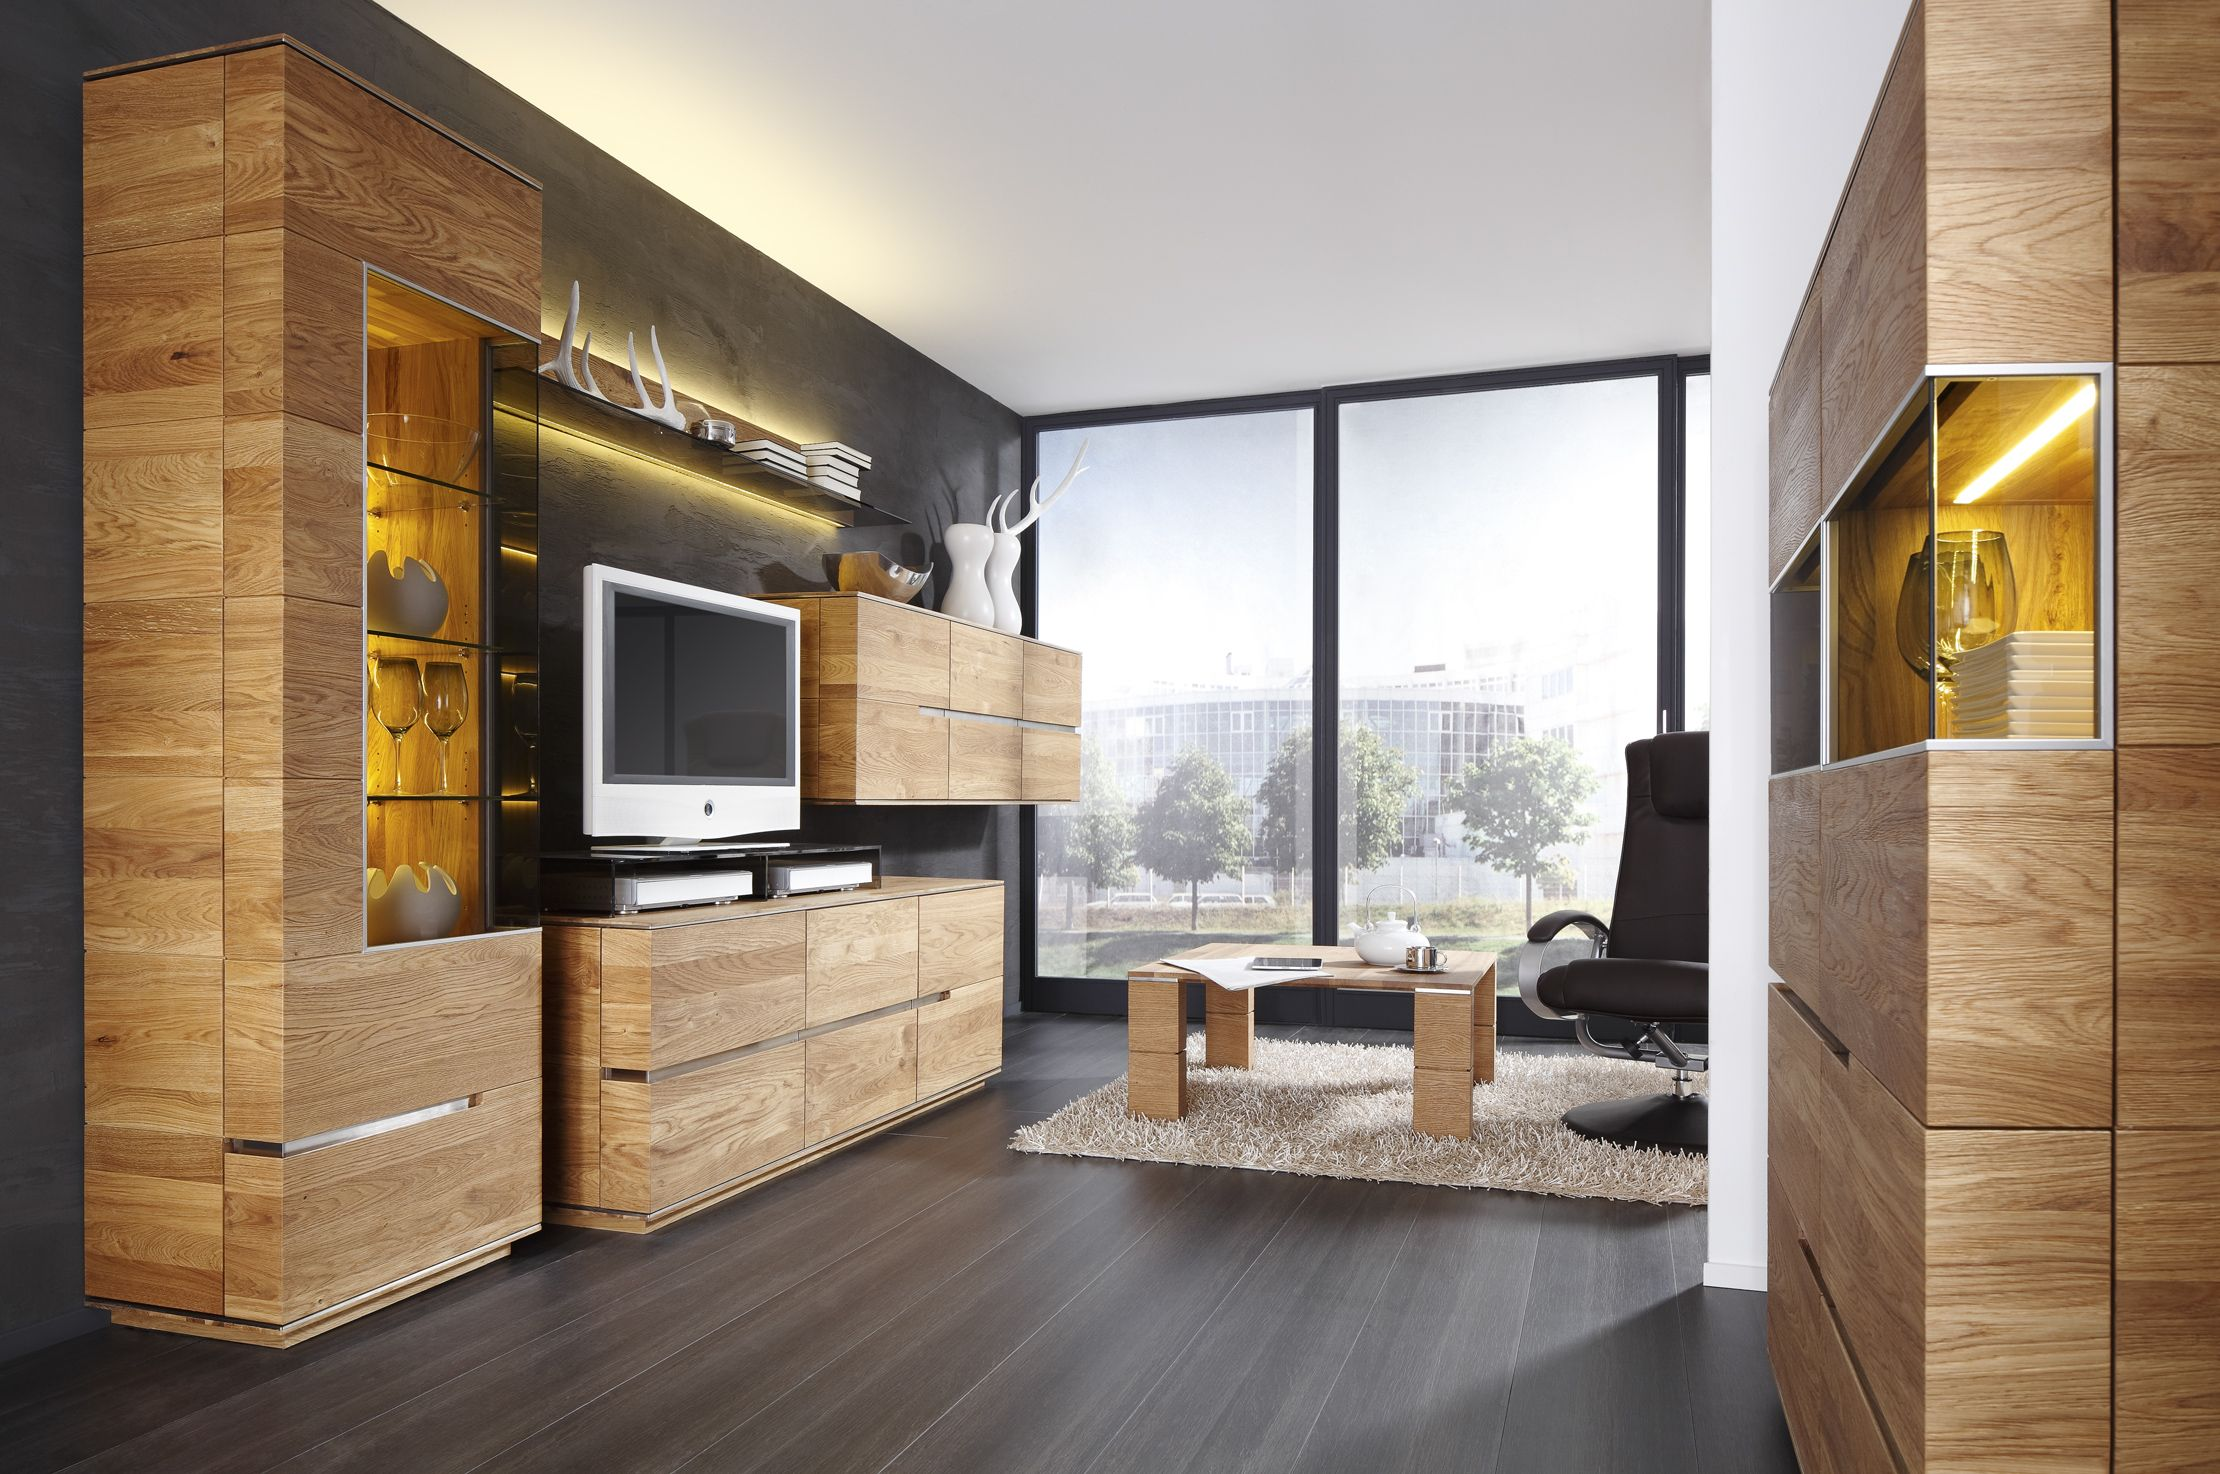 Wohnzimmer Inspiration in 8  Rustikale wohnzimmermöbel